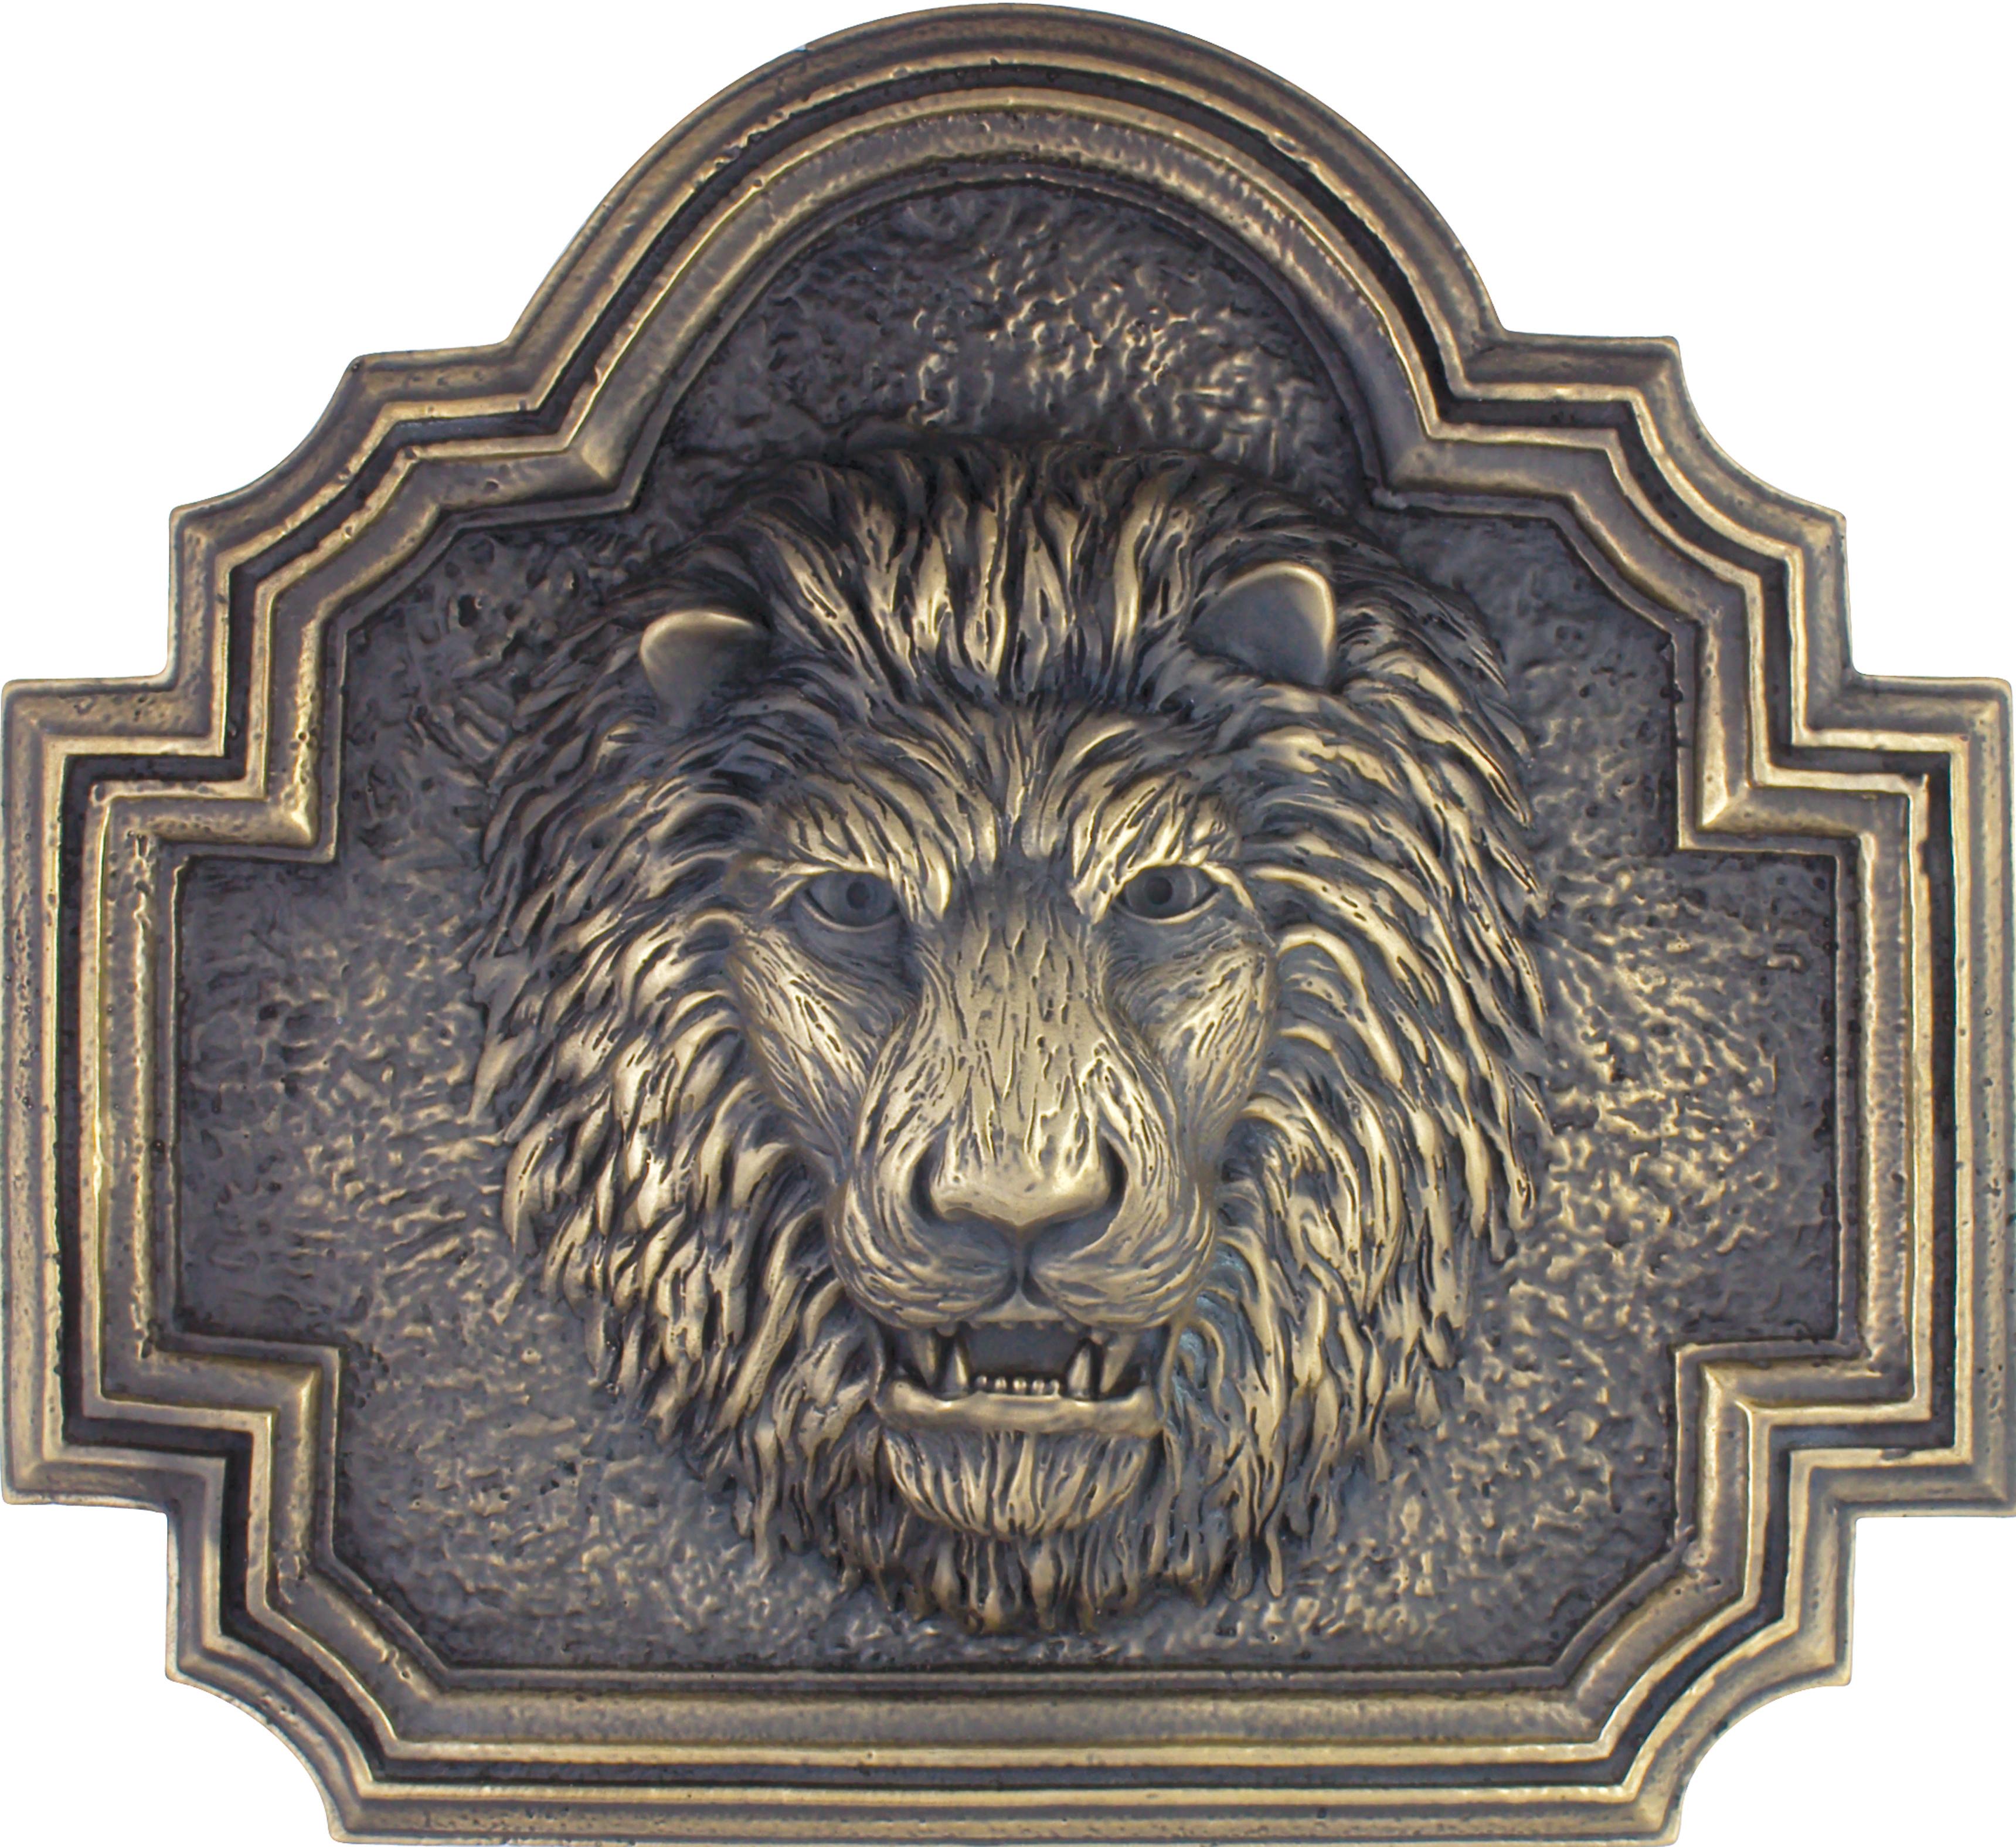 lion-head-fountain.jpg